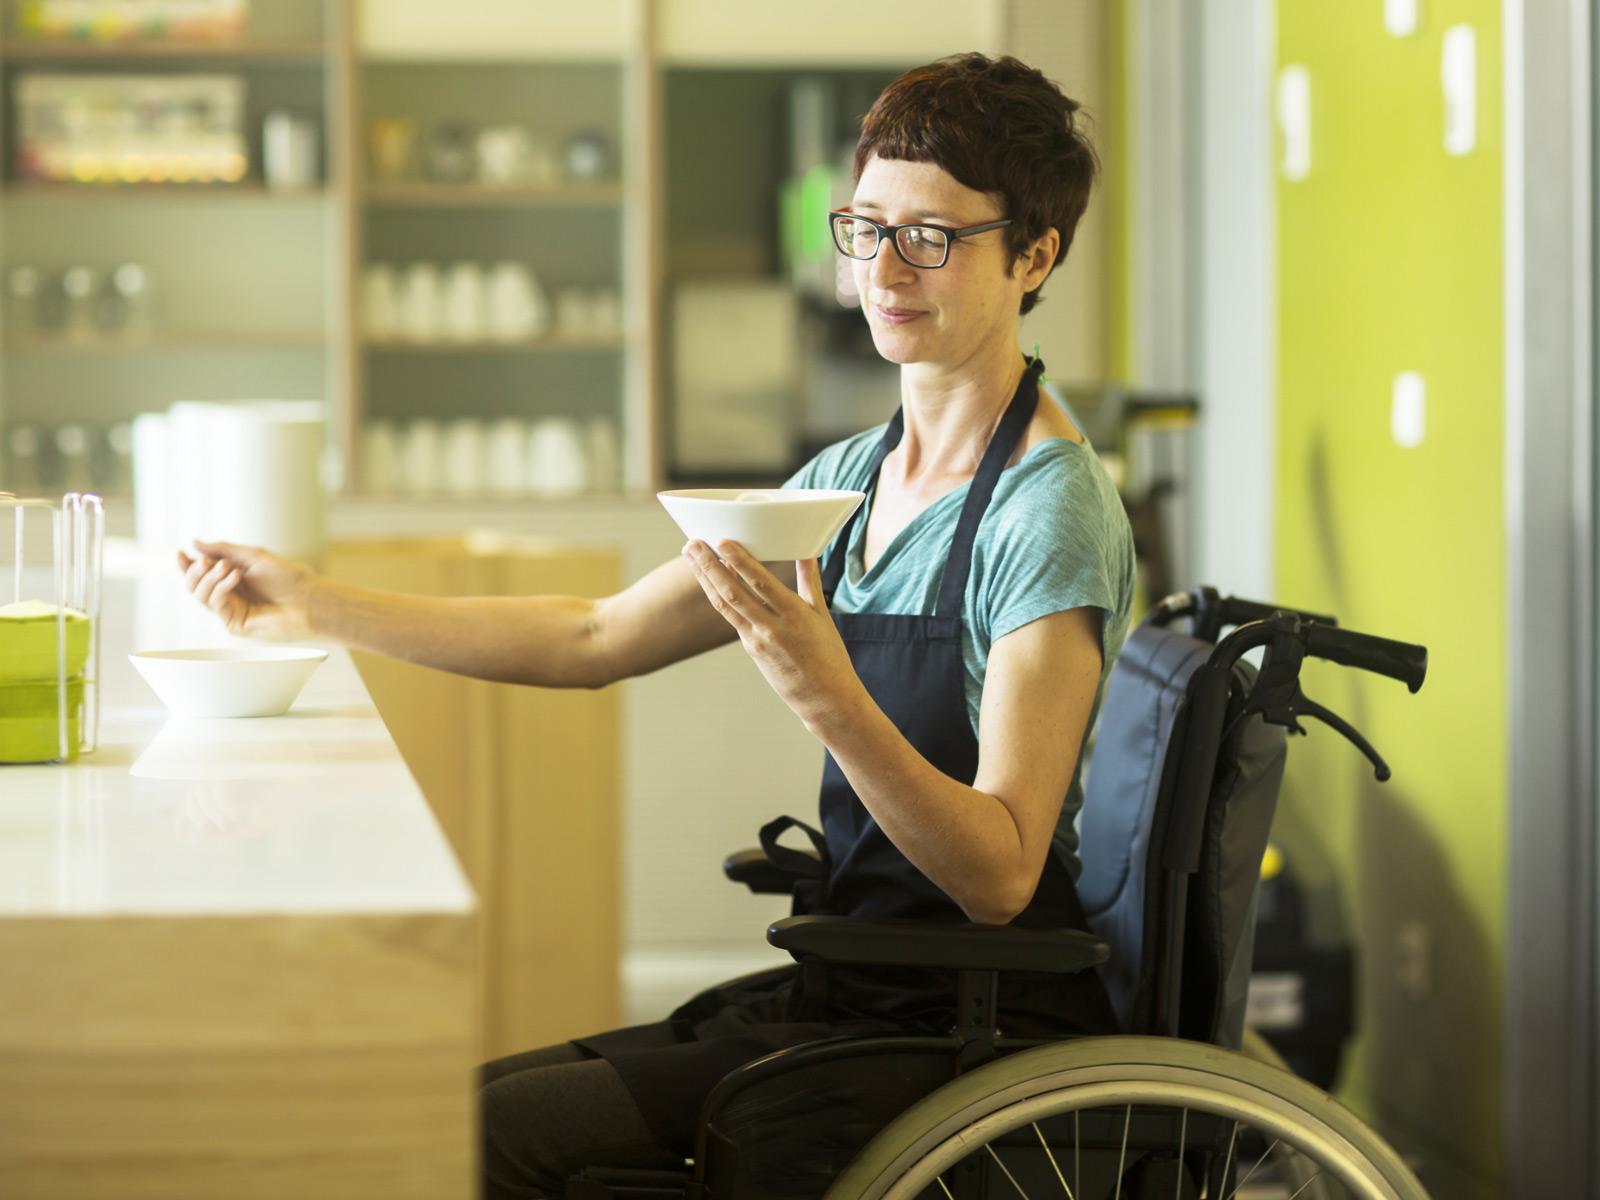 wheelchair-kitchen.jpg